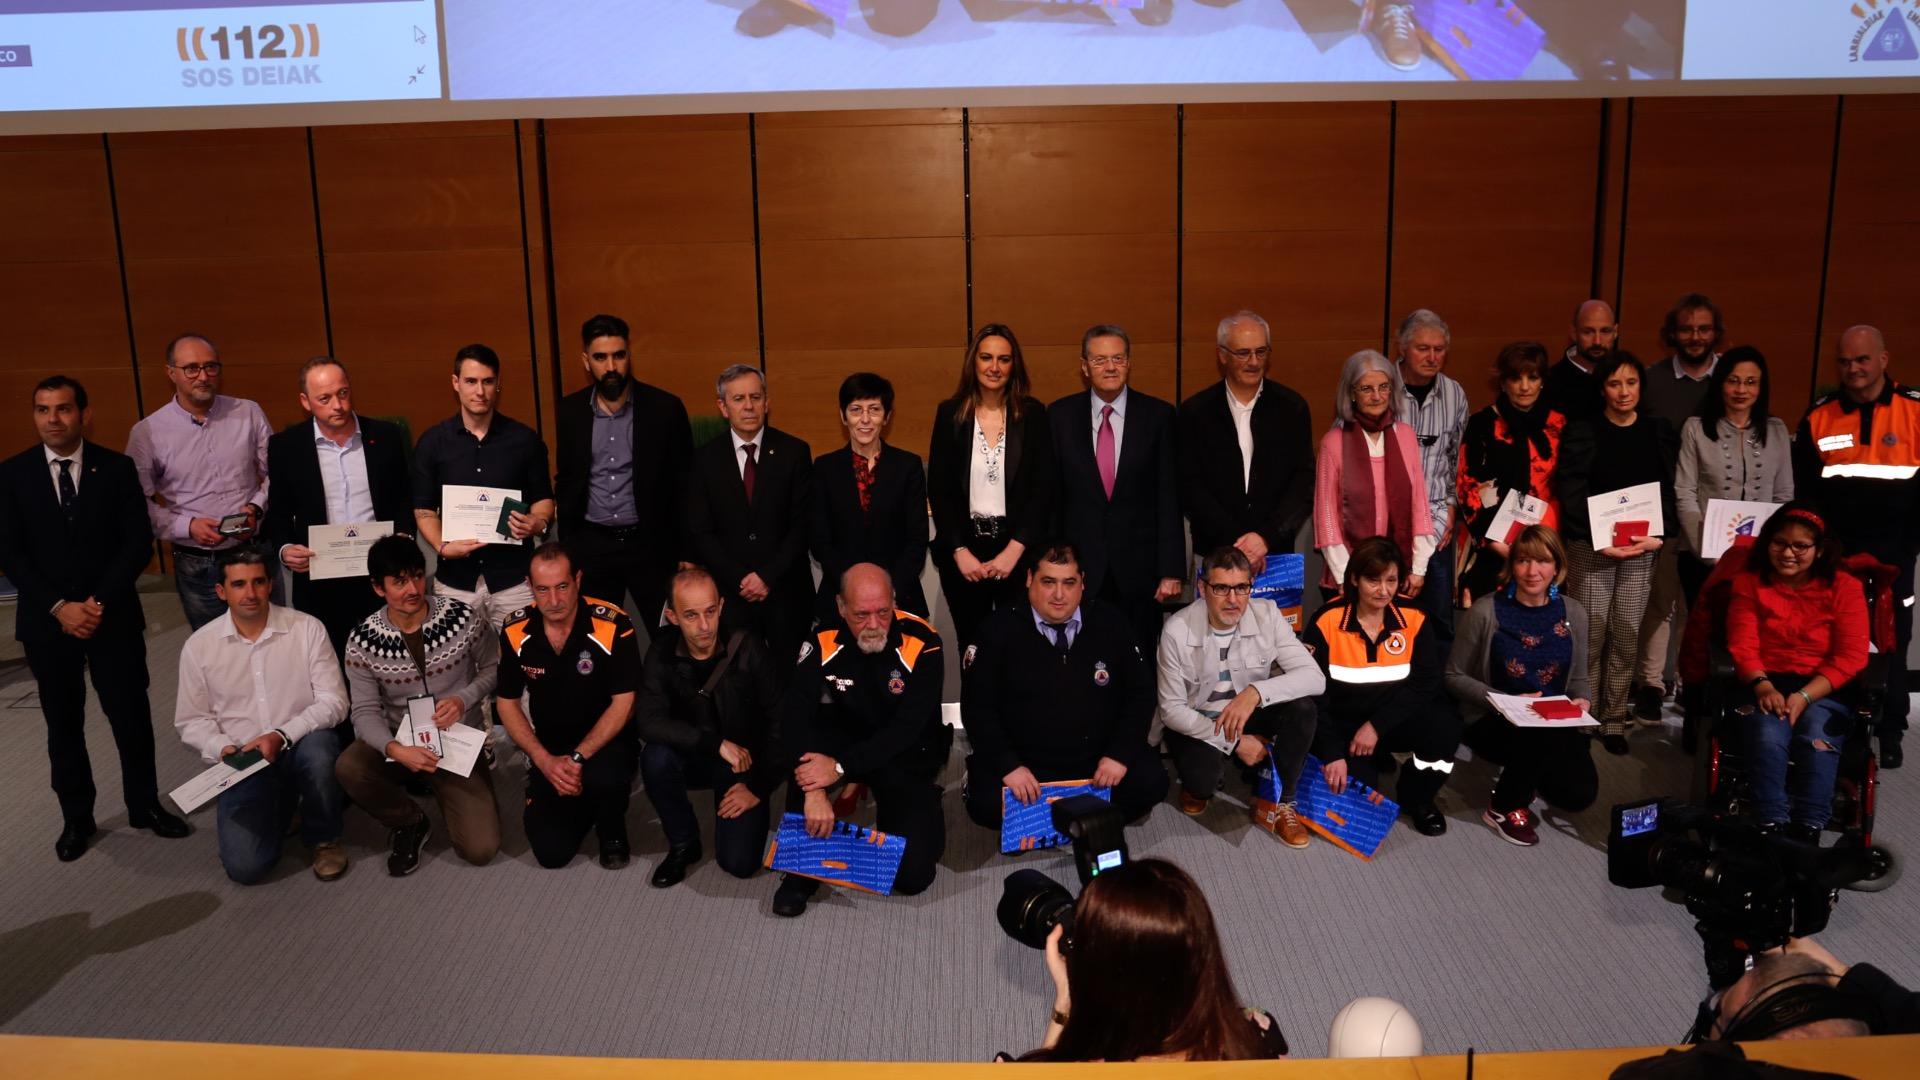 Seguridad otorga a título póstumo las medallas al Mérito en Emergencias a los 7 tripulantes del helicóptero de la Ertzaintza siniestrado en Asturias en 1987